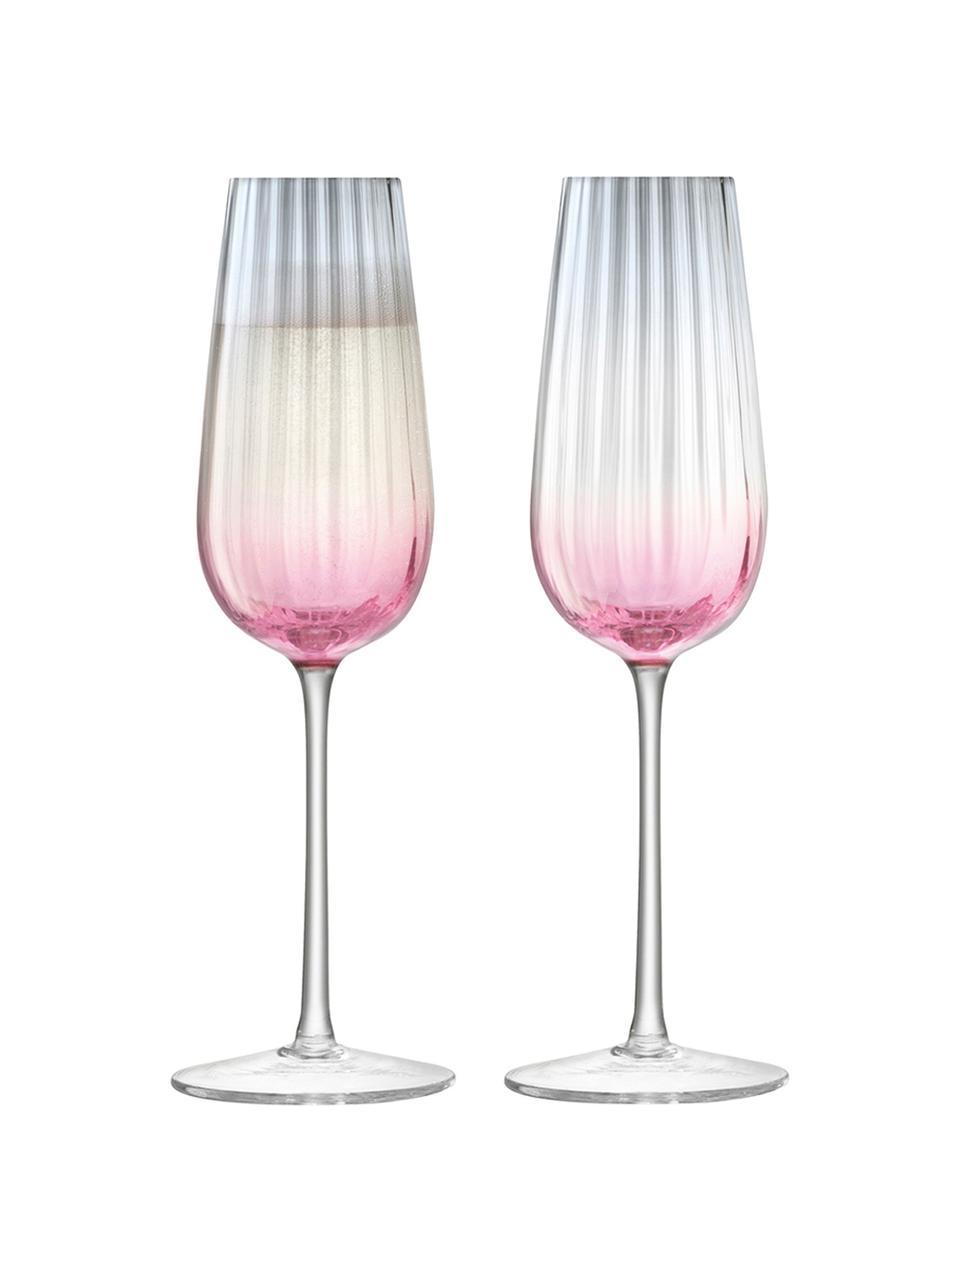 Handgemachte Sektgläser Dusk mit Farbverlauf, 2er-Set, Glas, Rosa, Grau, Ø 6 x H 23 cm